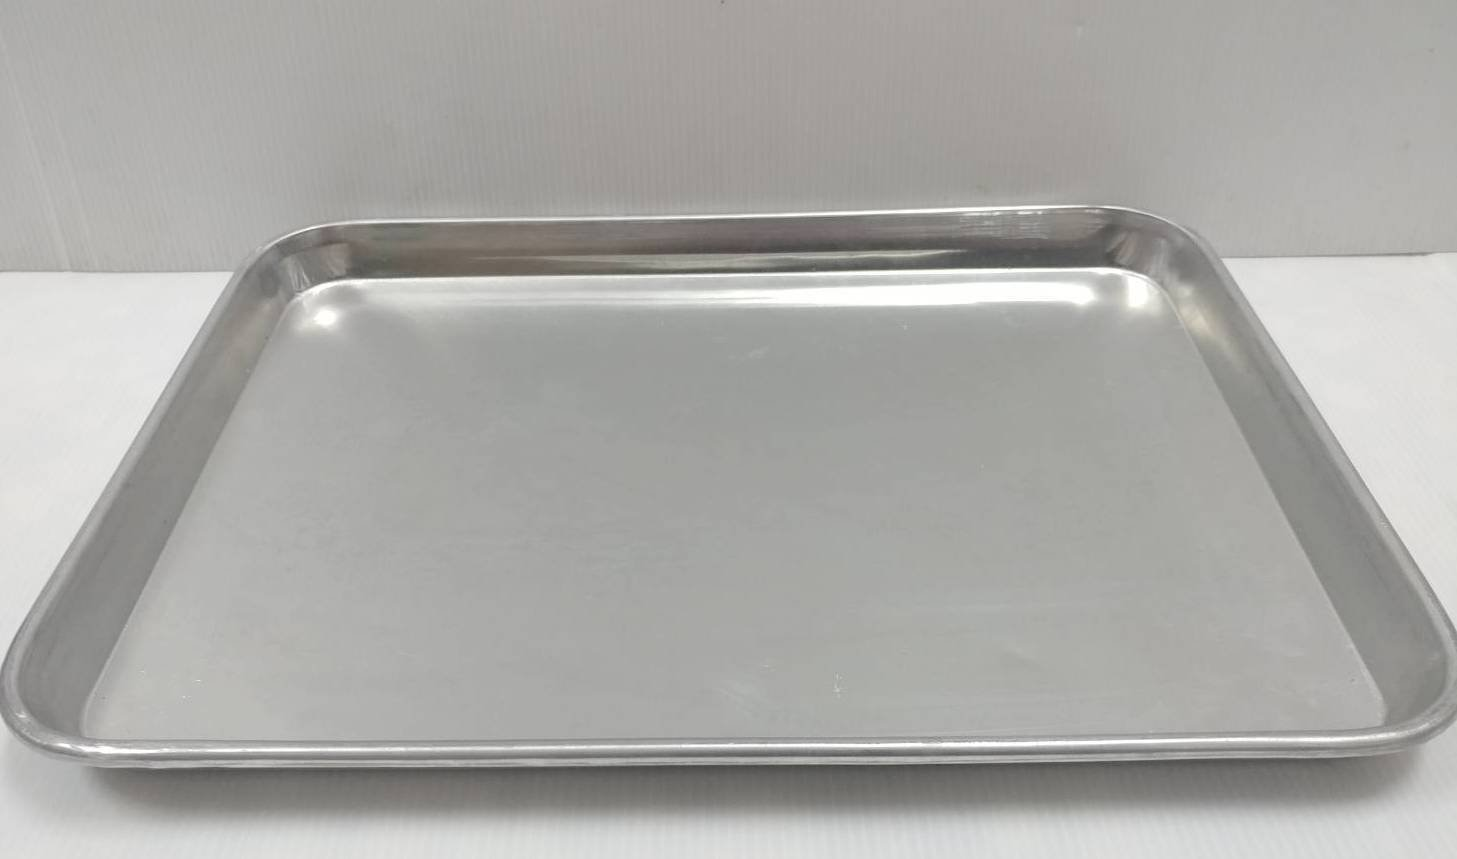 哈哈商城 小 鋁長方盤~ 盤子 烤盤 餐飲 烘培 盤 烤肉 麵包 材料  零件 工具 機械 實驗 托盤 料理